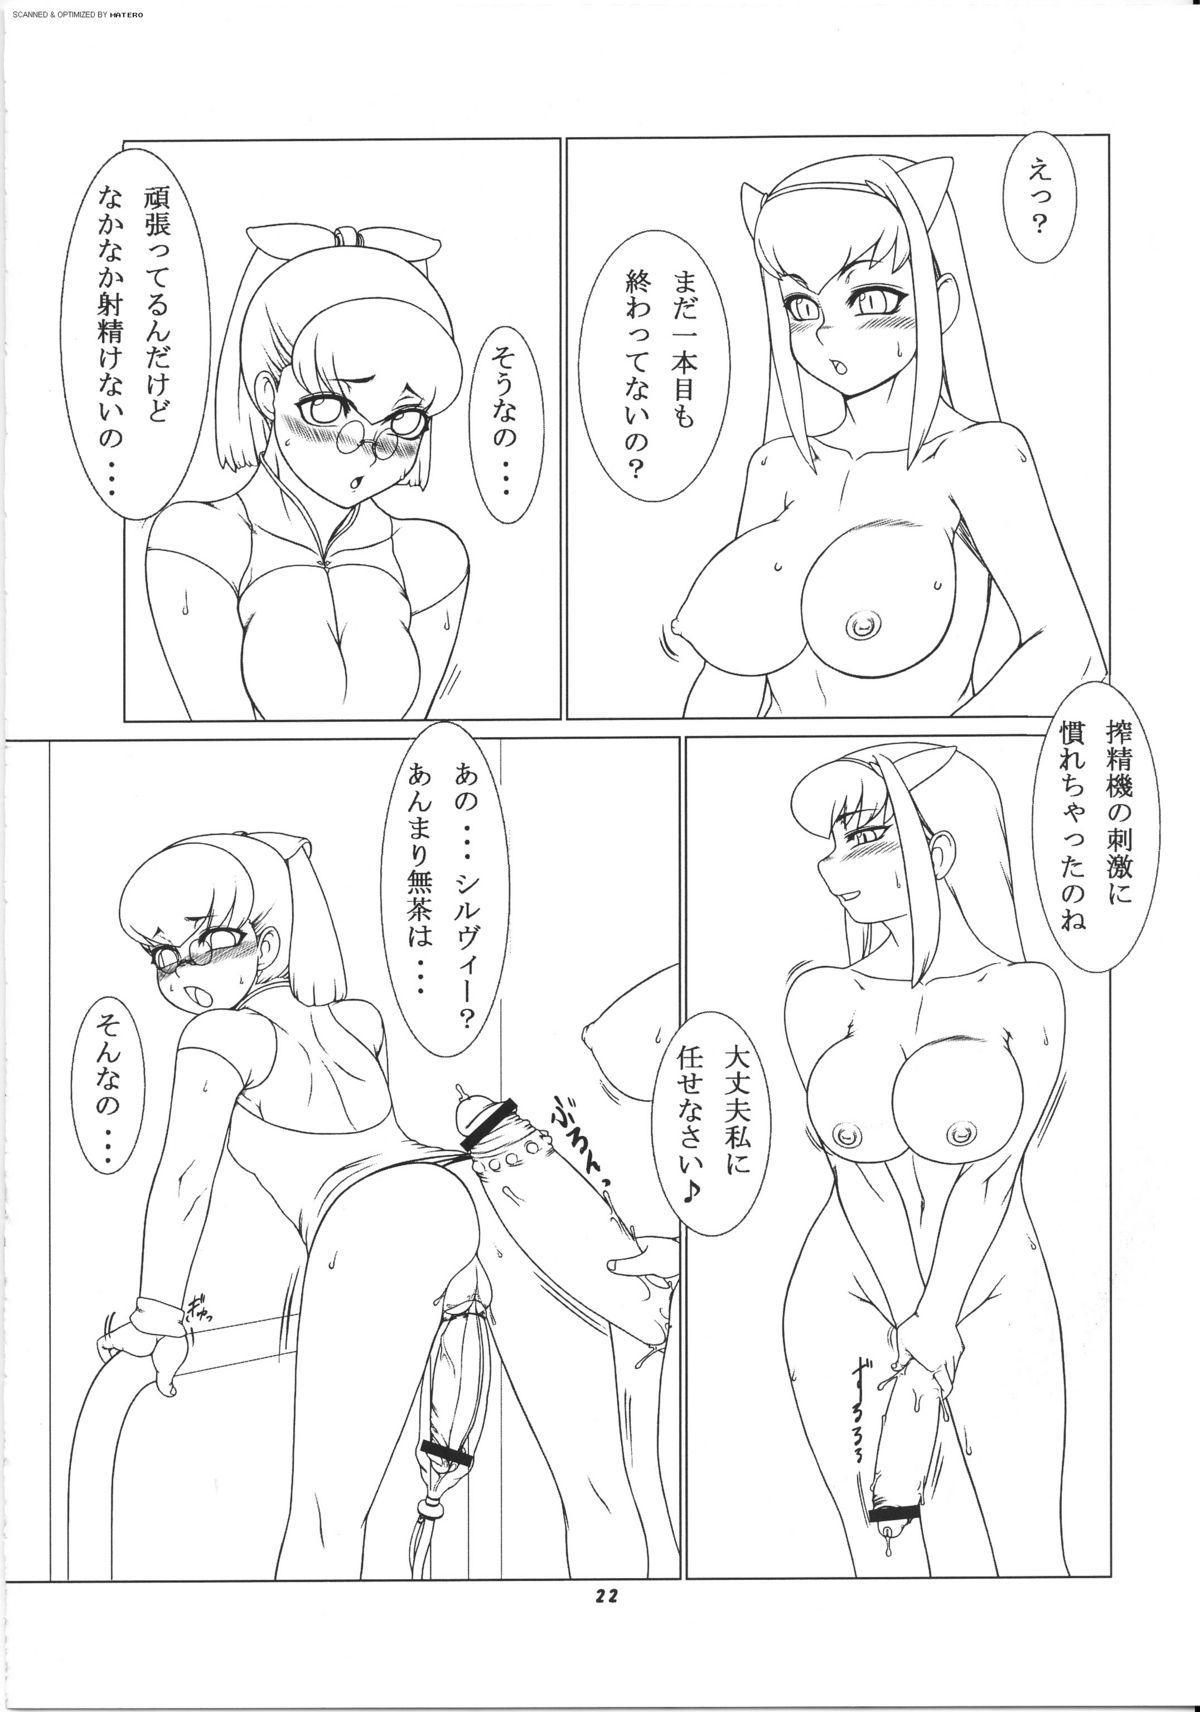 Momo-an 17 21